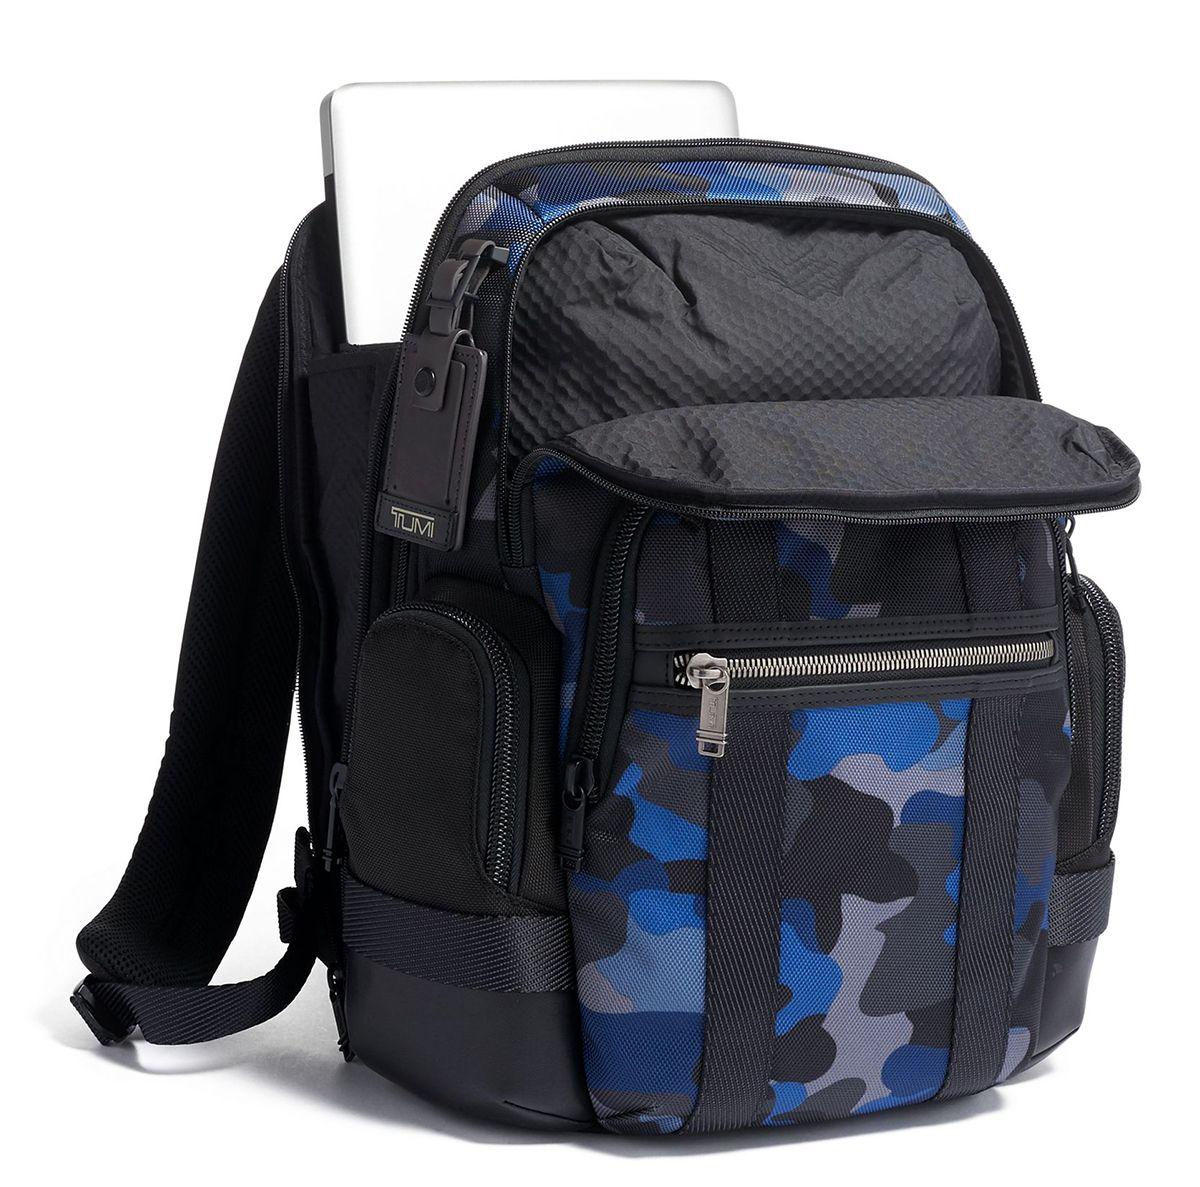 f1fb55dc0 Tumi Alpha Bravo Camo Nathan Backpack - 1253698138. Tumi 1253698138 - Nathan  Backpack Interior 1